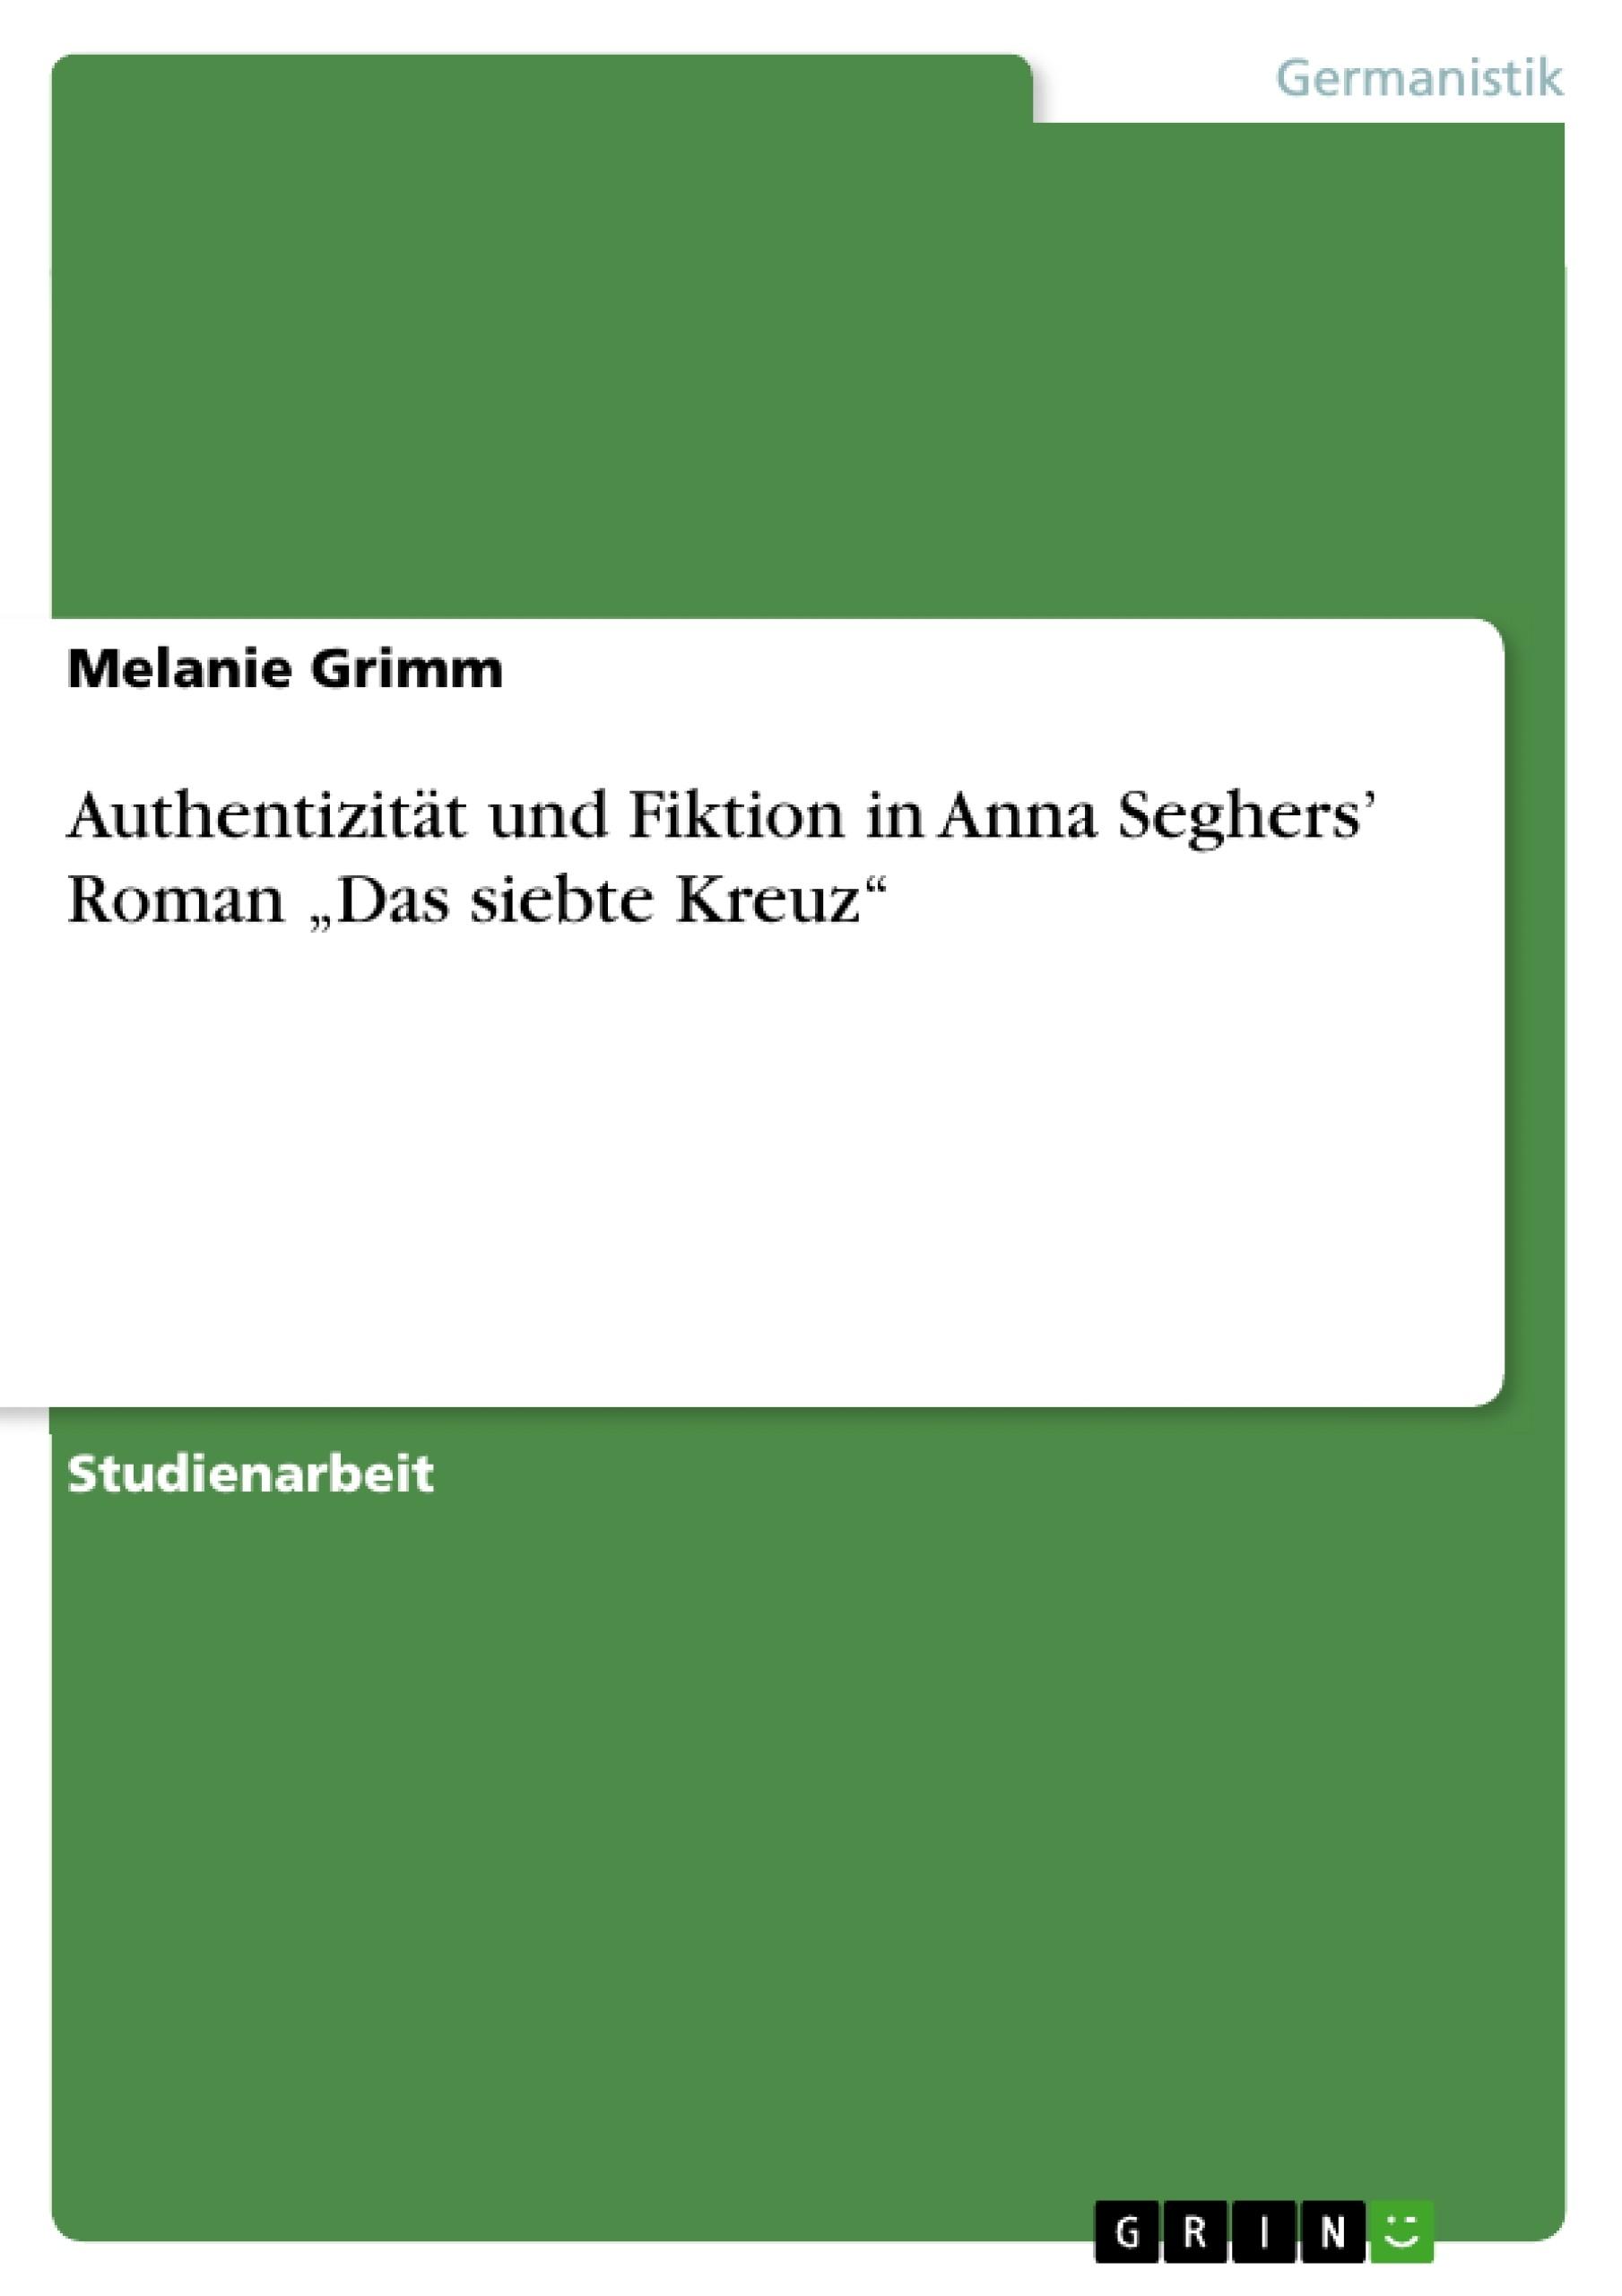 Ausgezeichnet Openoffice Schreibervorlagen Zeitgenössisch - Entry ...